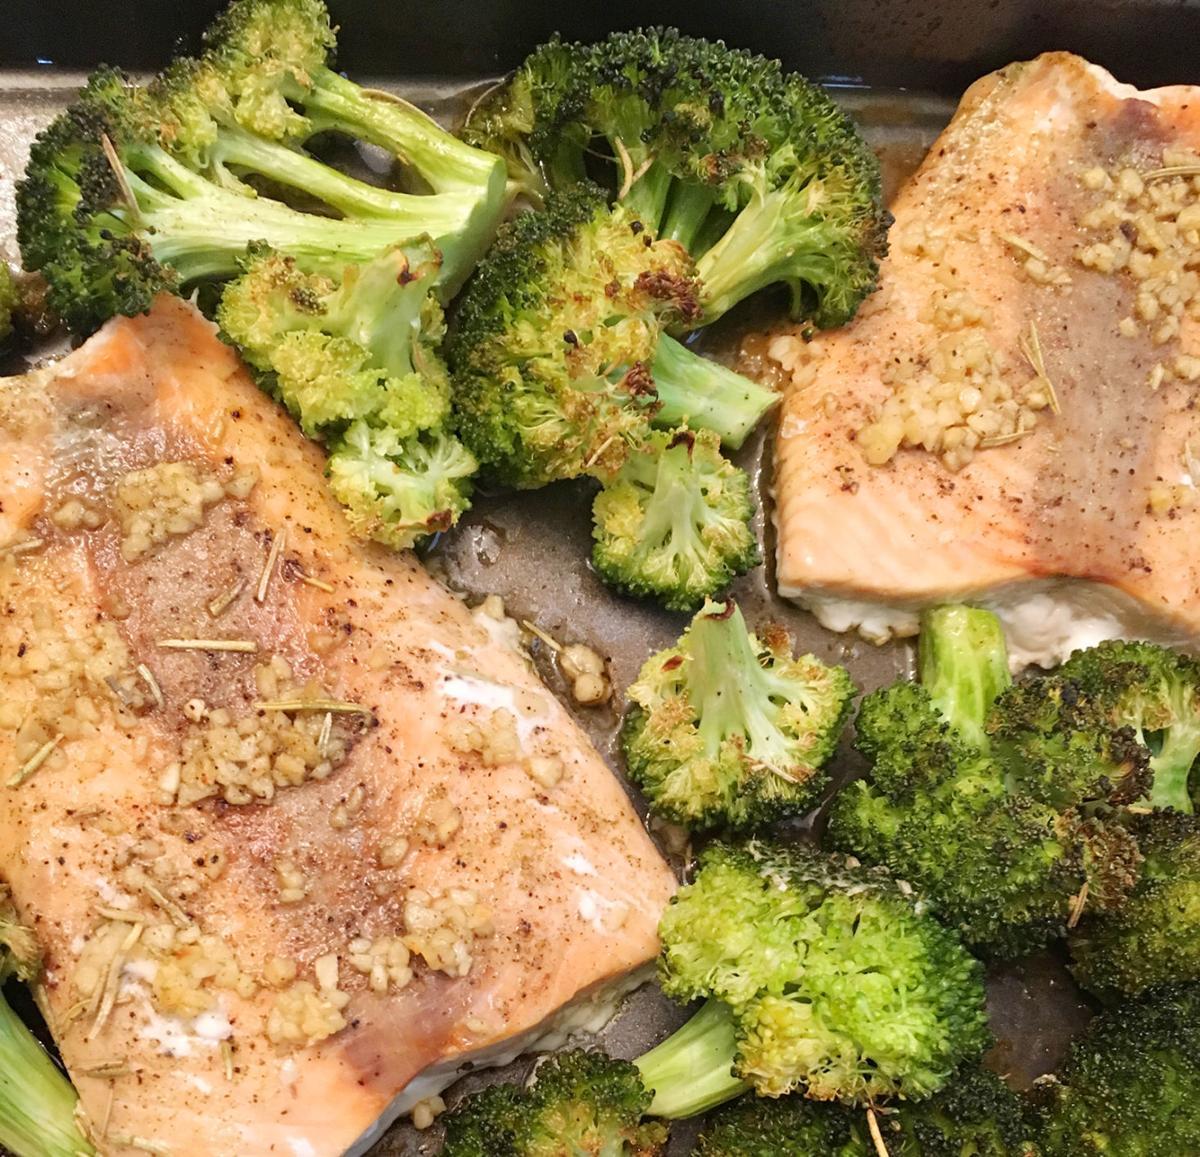 Garlic Butter Salmon & Broccoli